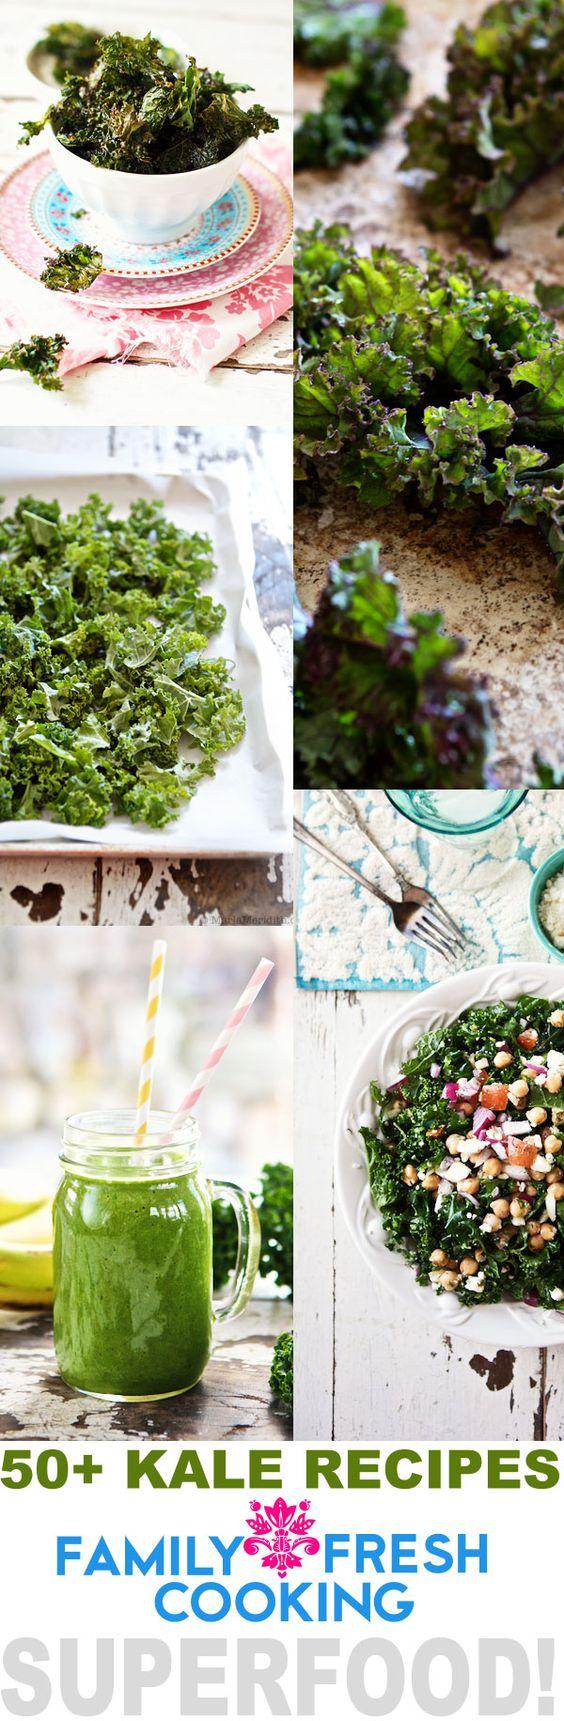 50+ AMAZING Kale Recipes | FamilyFreshCooking.com